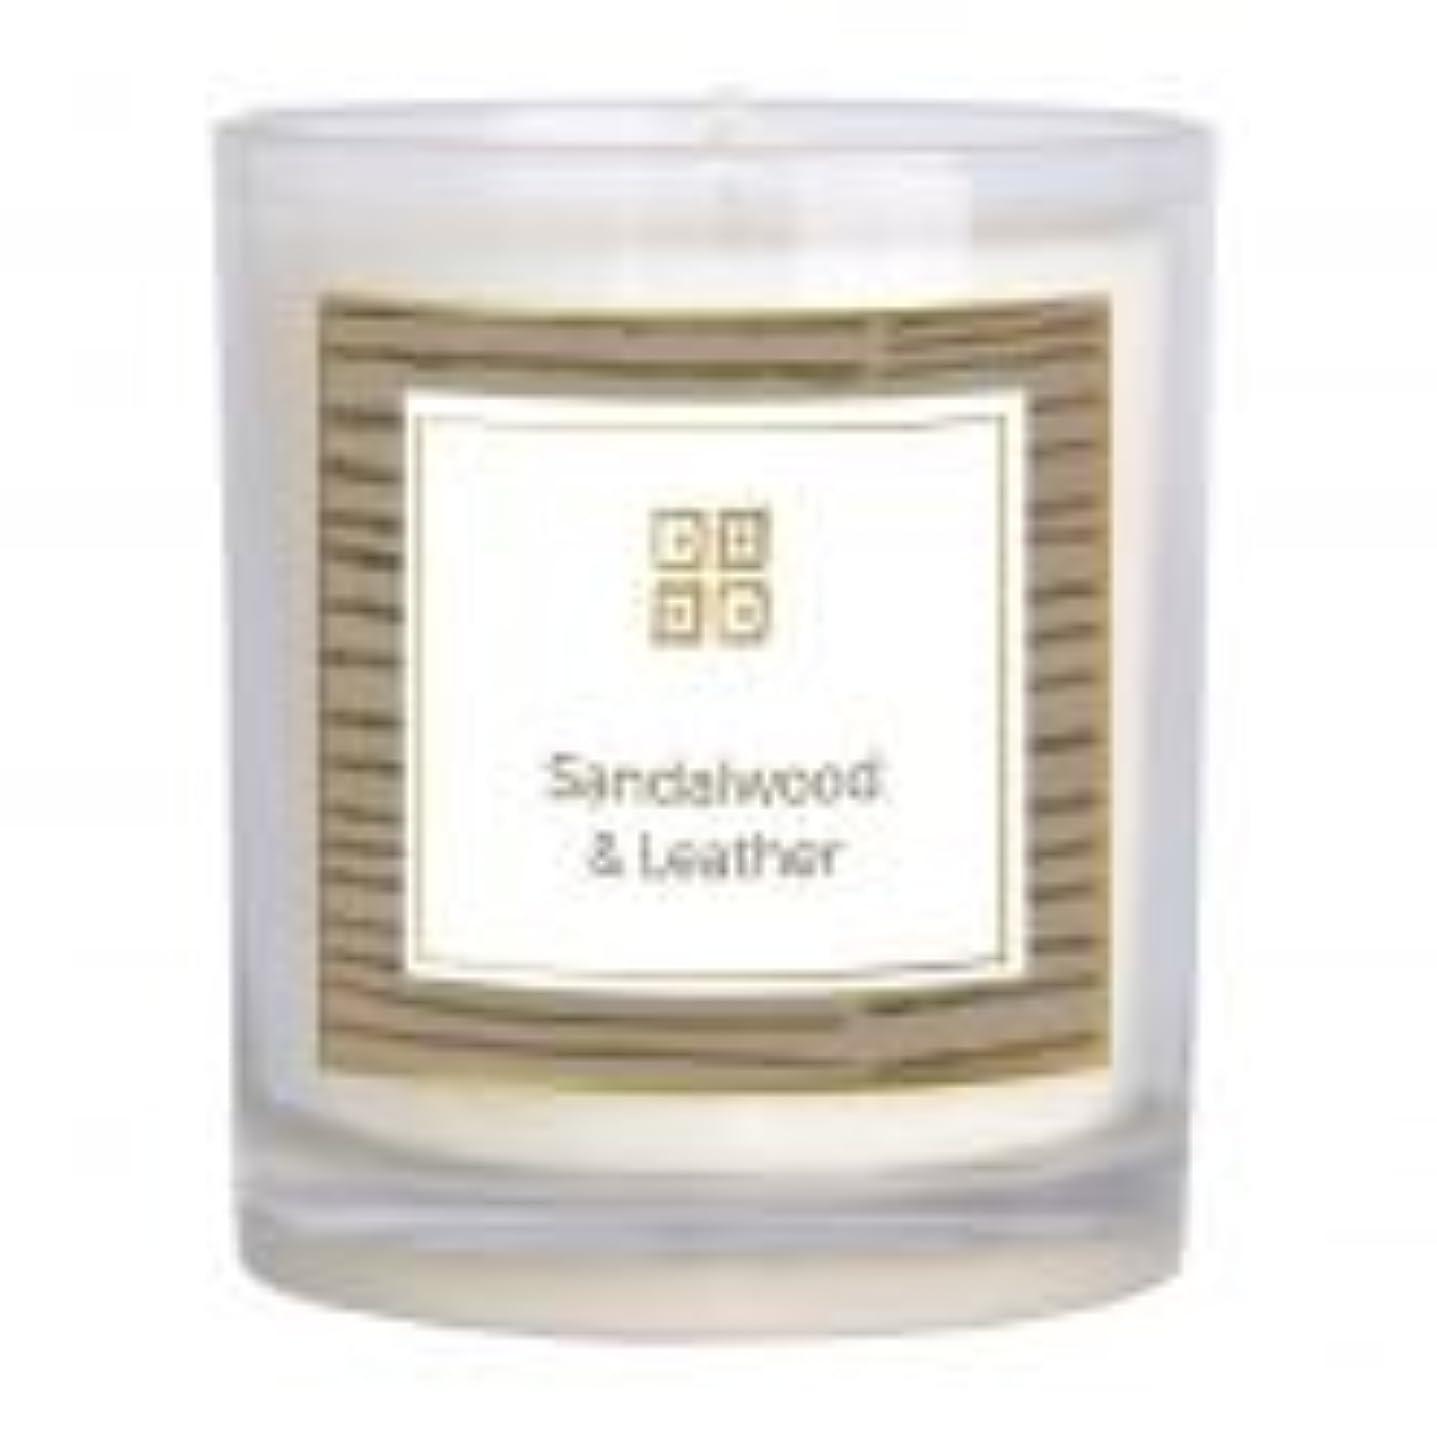 敬礼命令からかうサンダルウッド&レザー香りのキャンドル 12 oz 503-08844